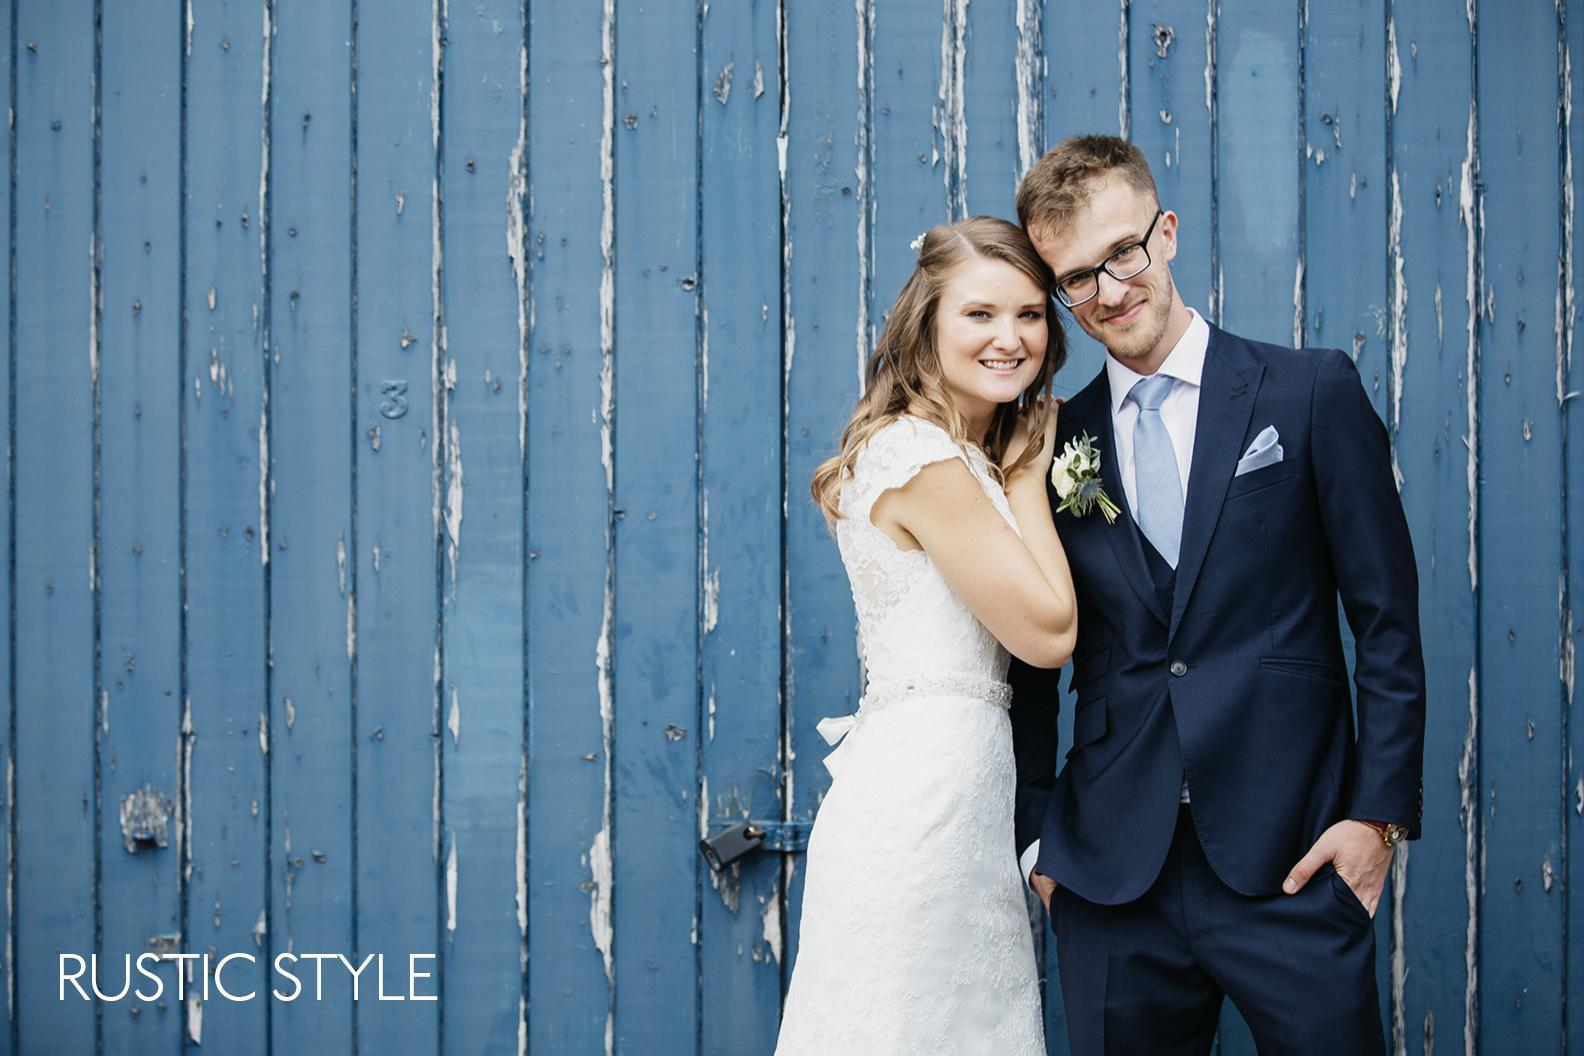 Rustic wedding style